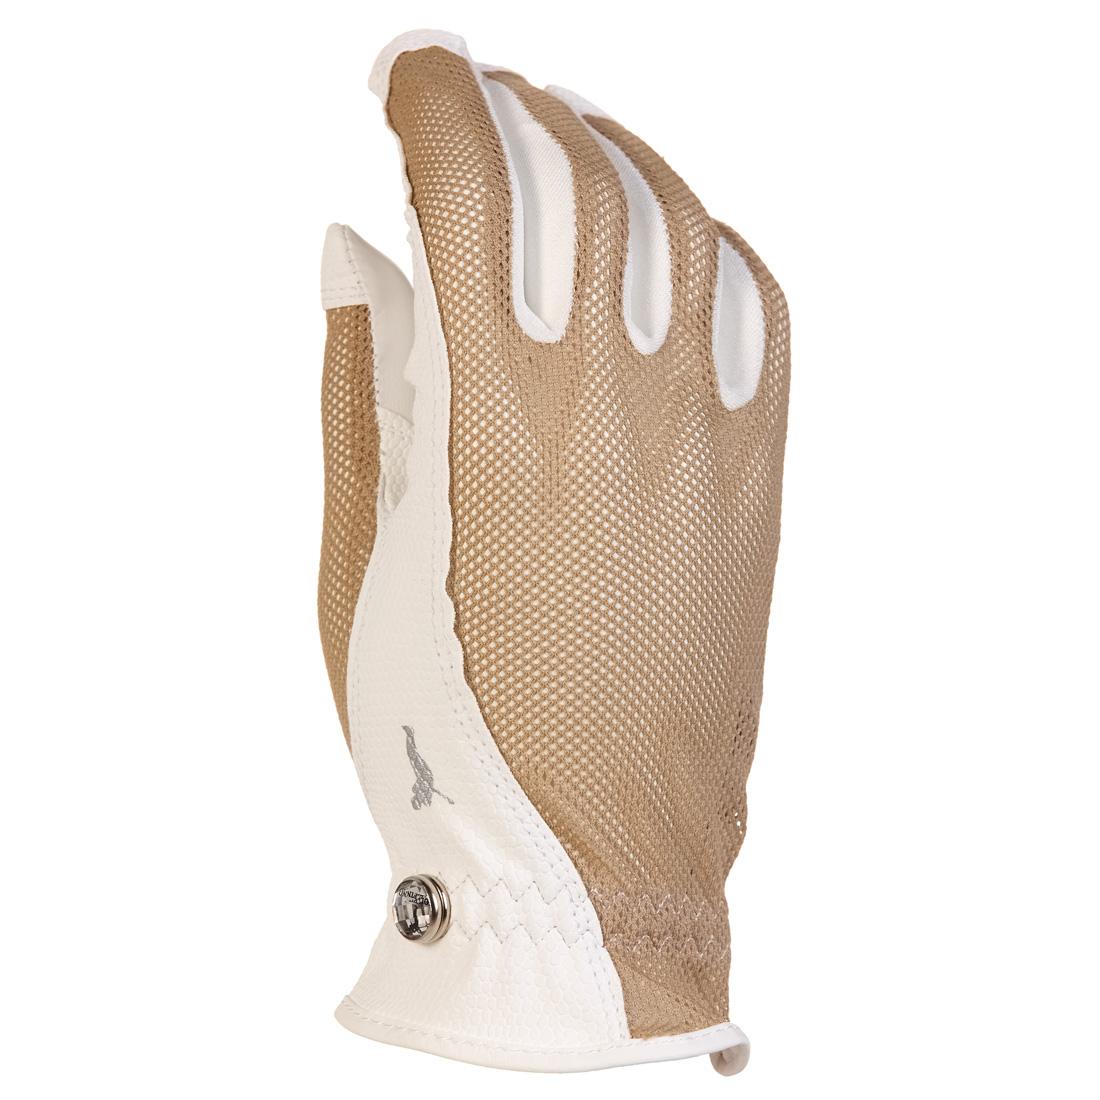 Golf Handschuh (rechts) aus leichtem Netzmaterial